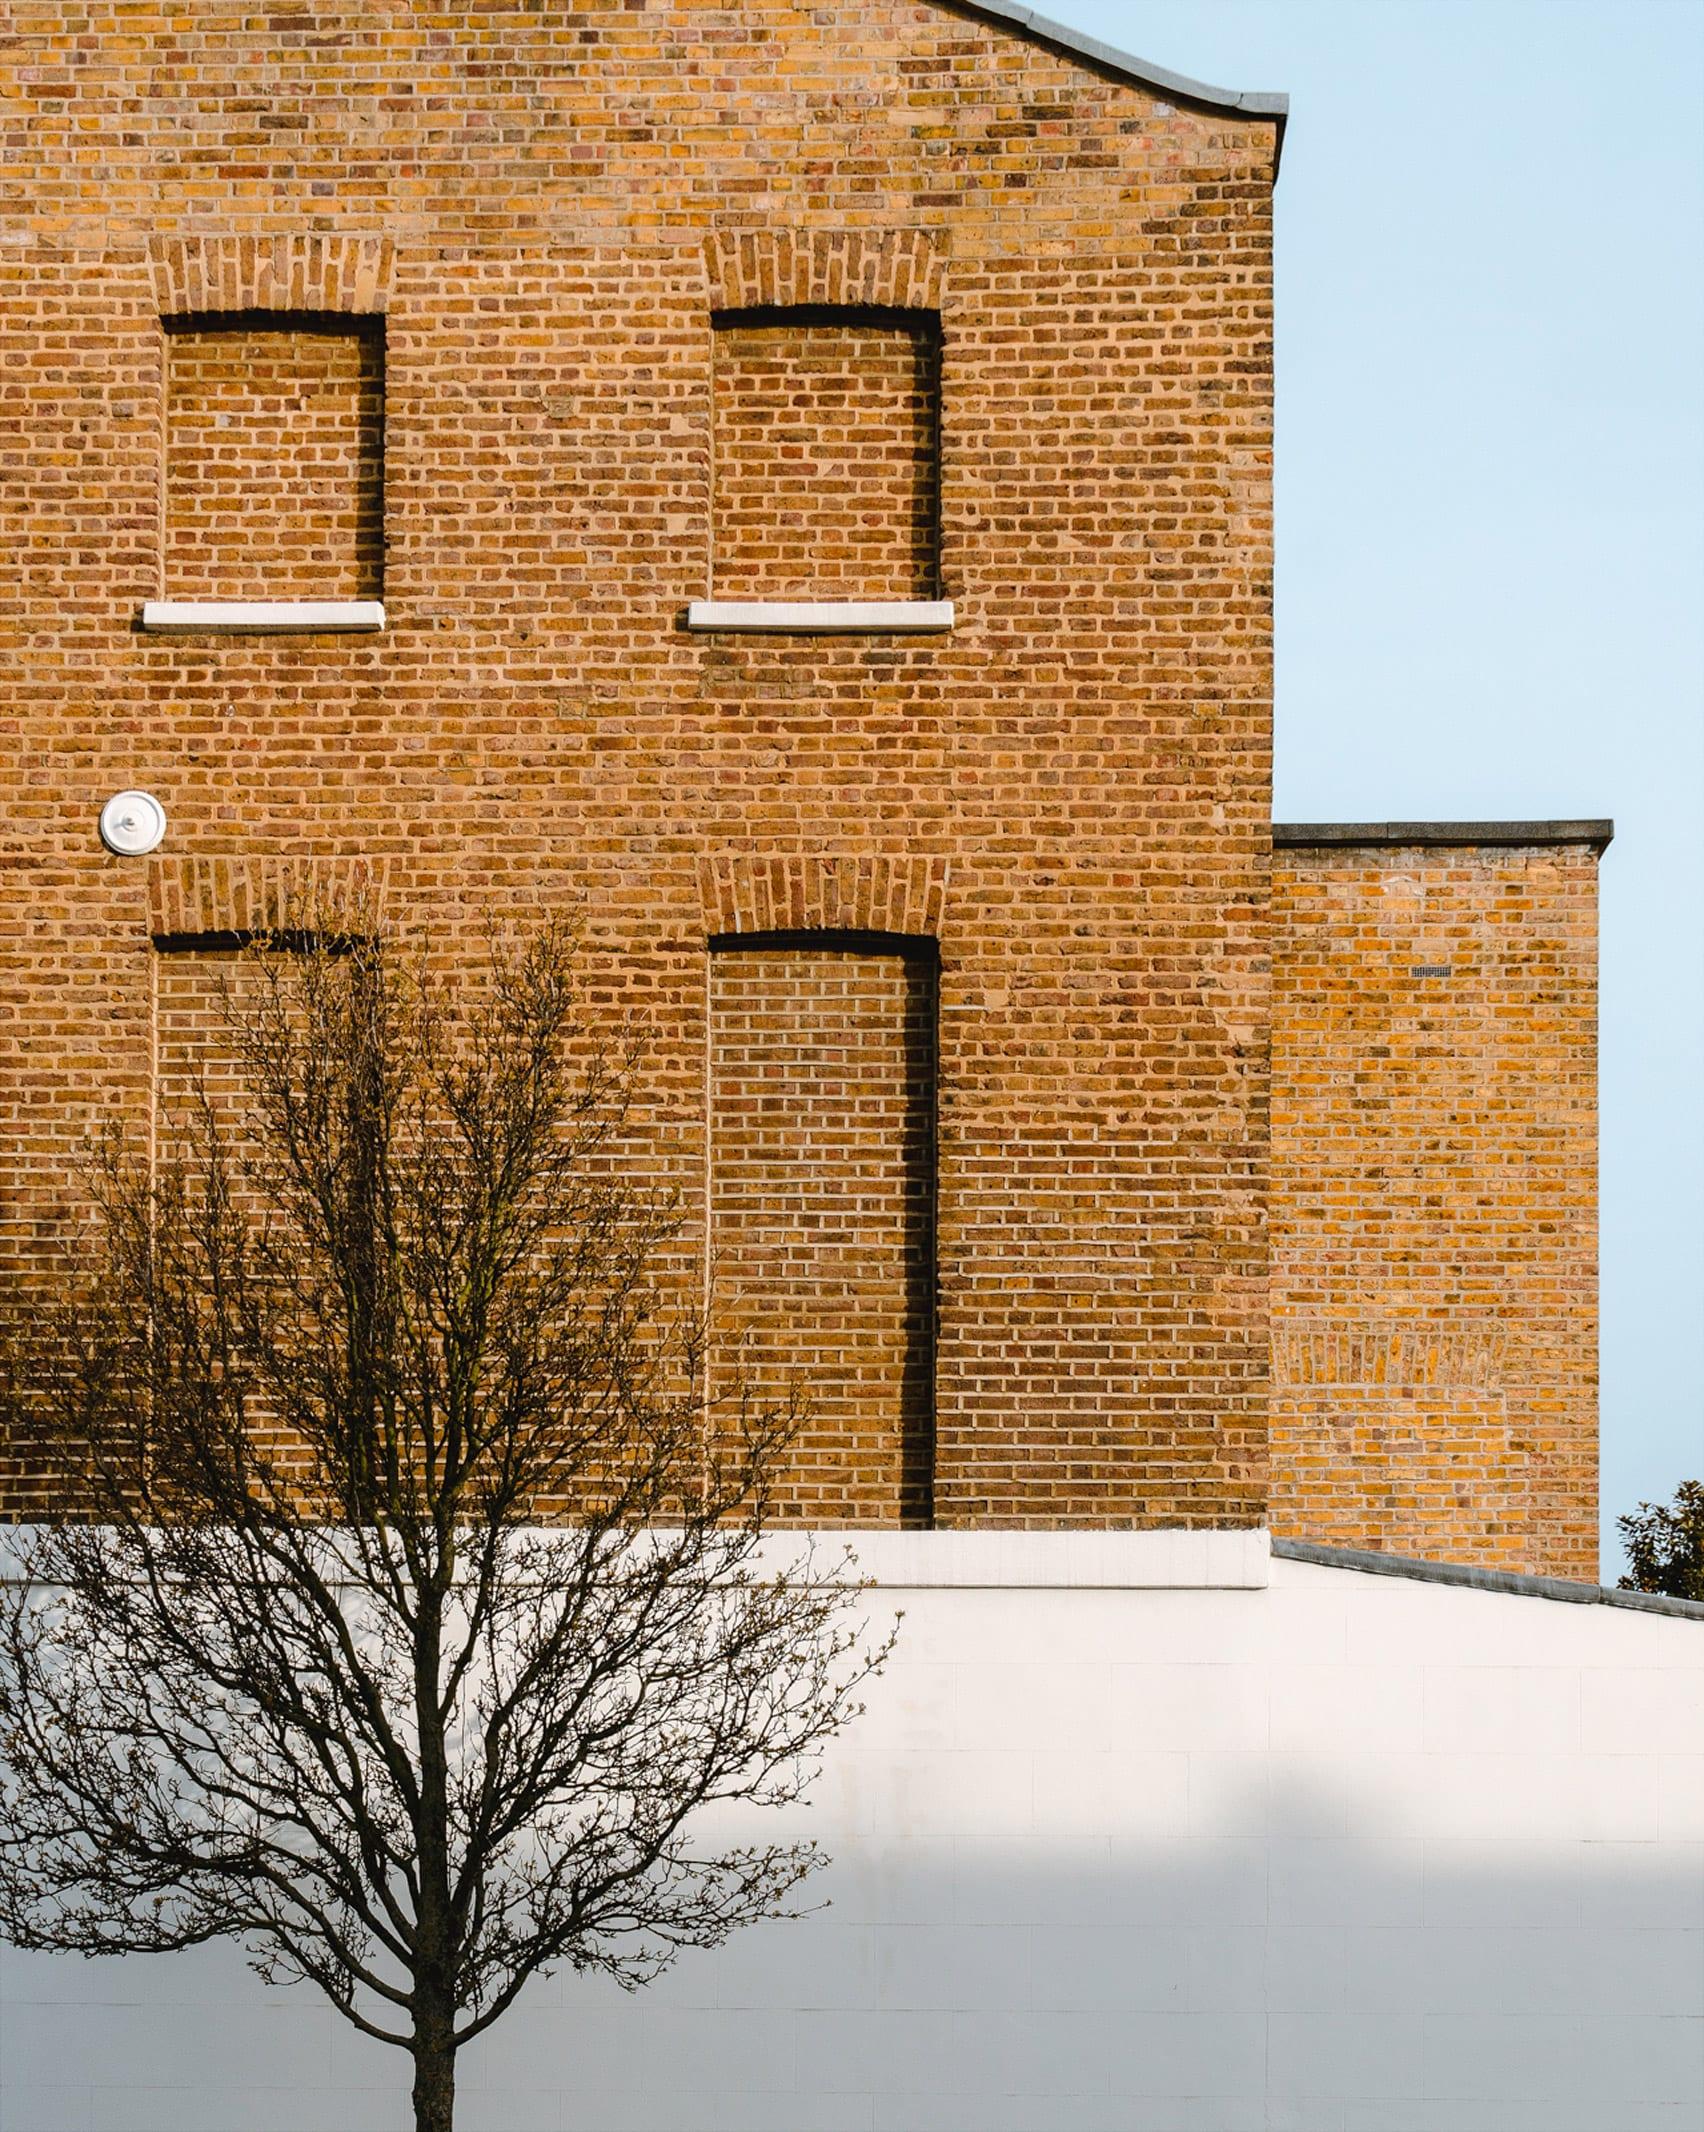 A brick facade of a London house